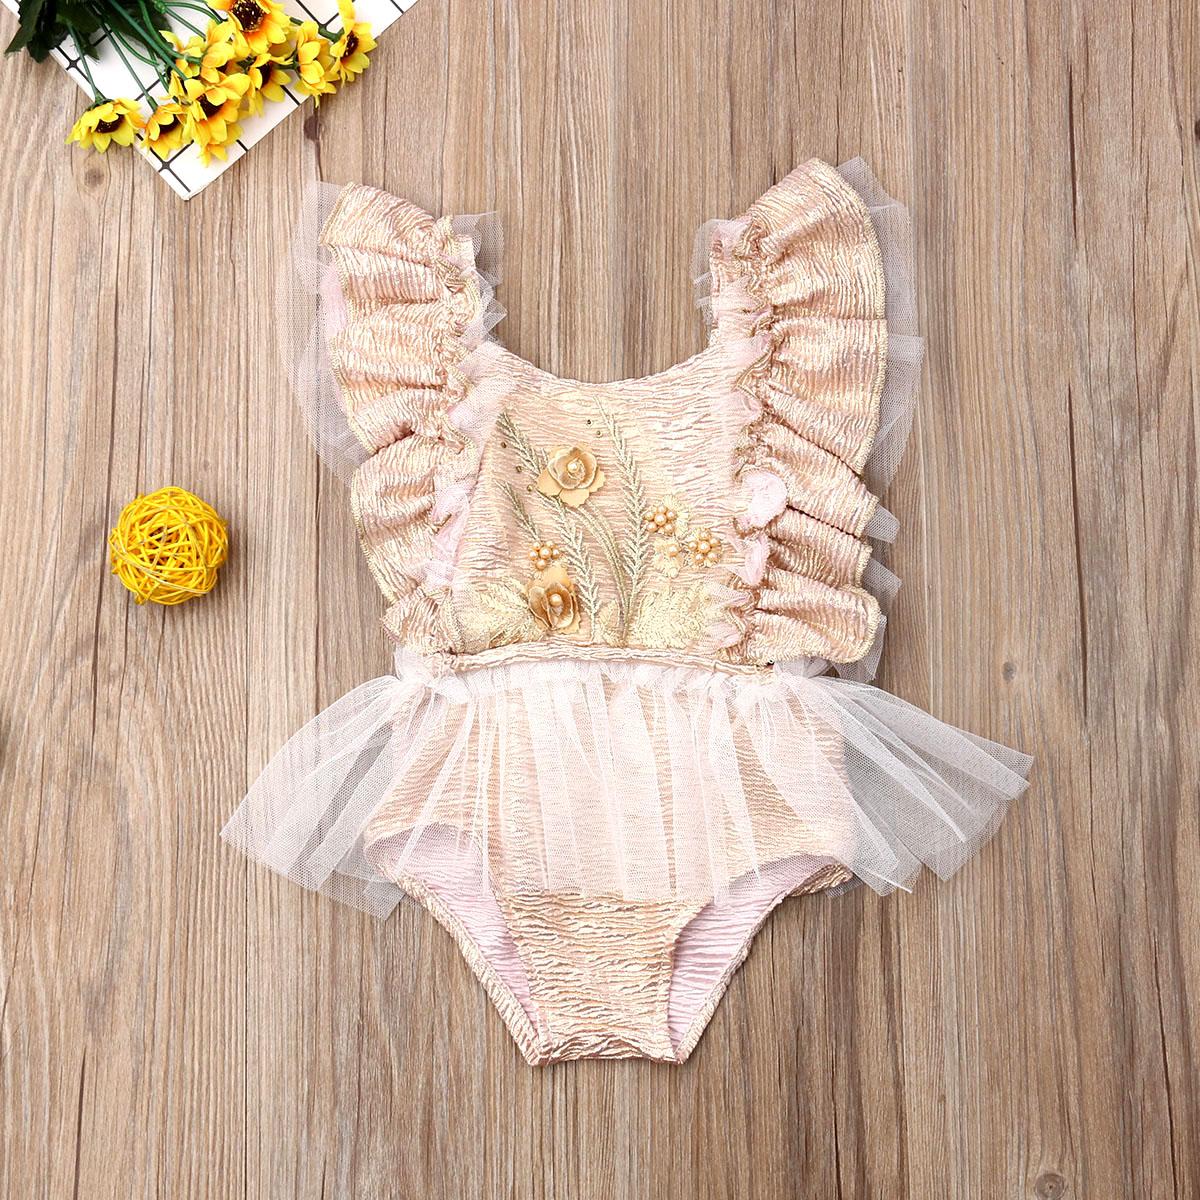 Ropa de bebé recién nacido Pudcoco sin mangas con volantes de tul espiga de trigo mono de una pieza ropa de traje de sol